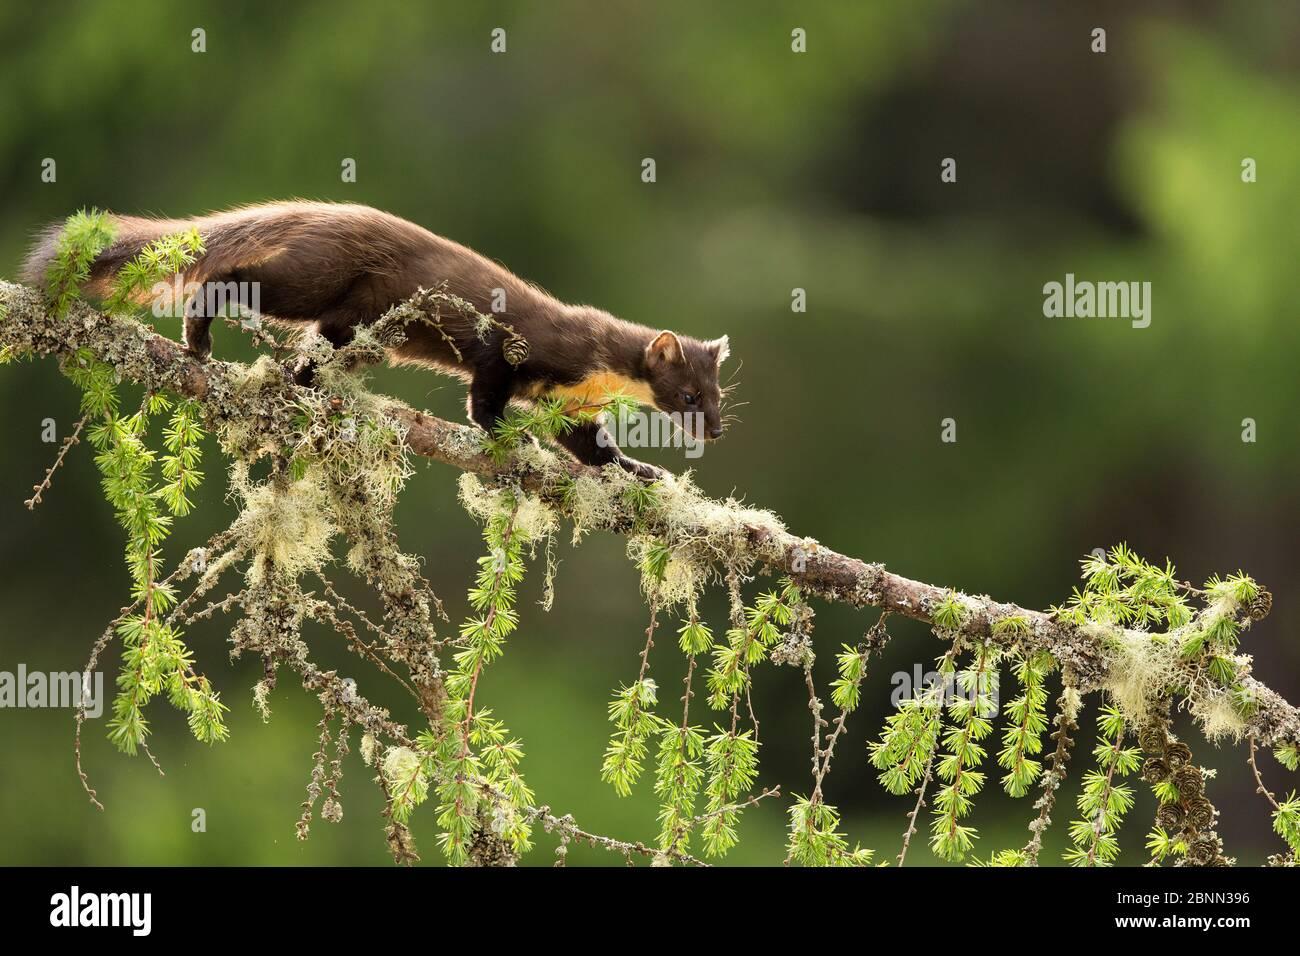 Pine Marten (Martes martes) rétroéclairé sur la branche du mélèze, Perthshire, Écosse, Royaume-Uni, mai. Banque D'Images